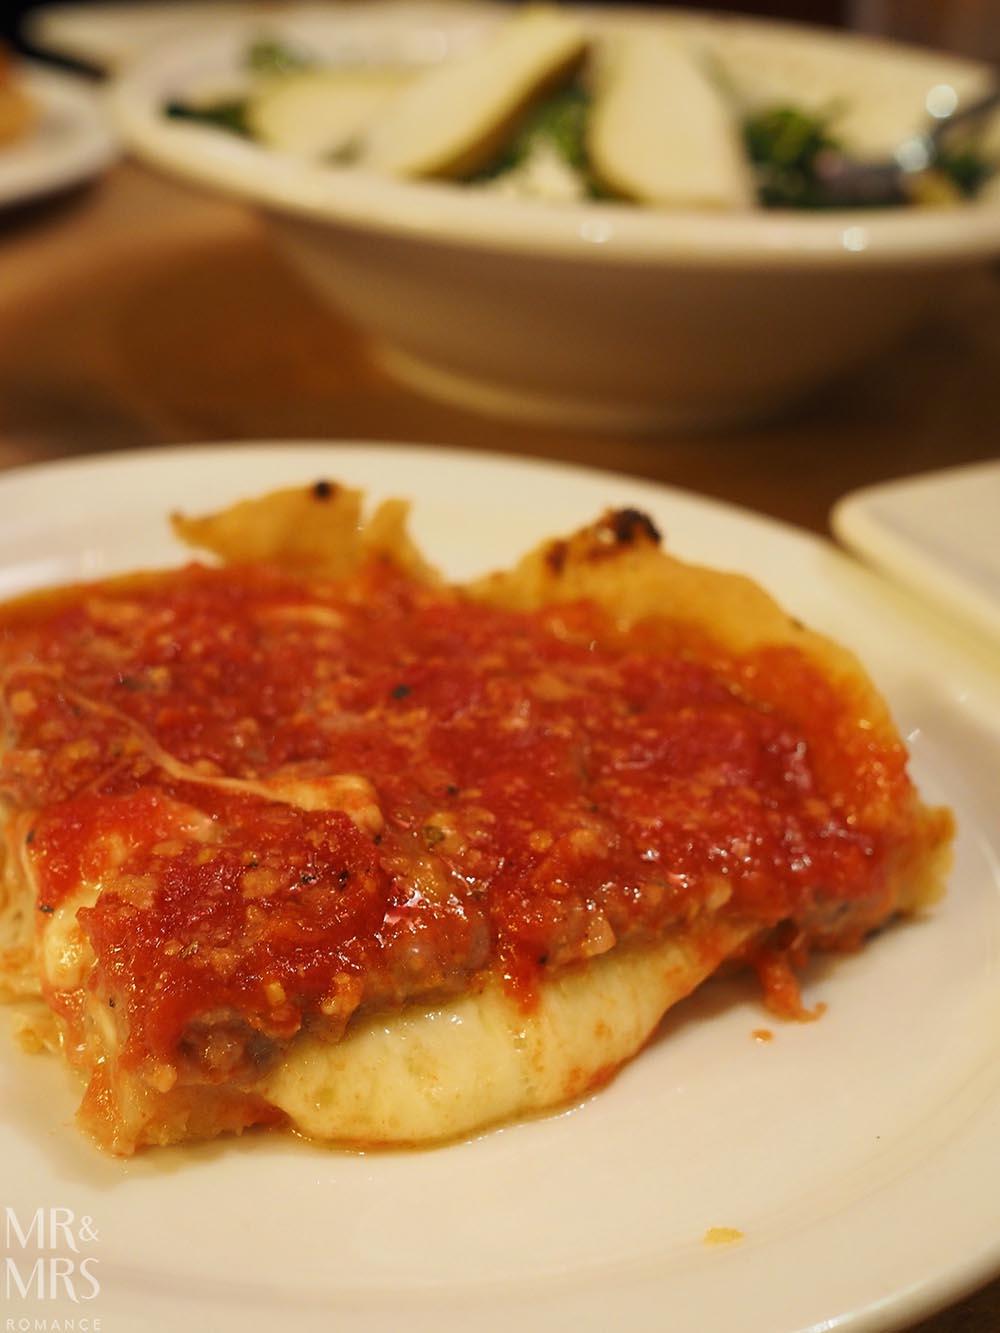 Lou Malnuti's Deepdish Pizza, Chicago, IL